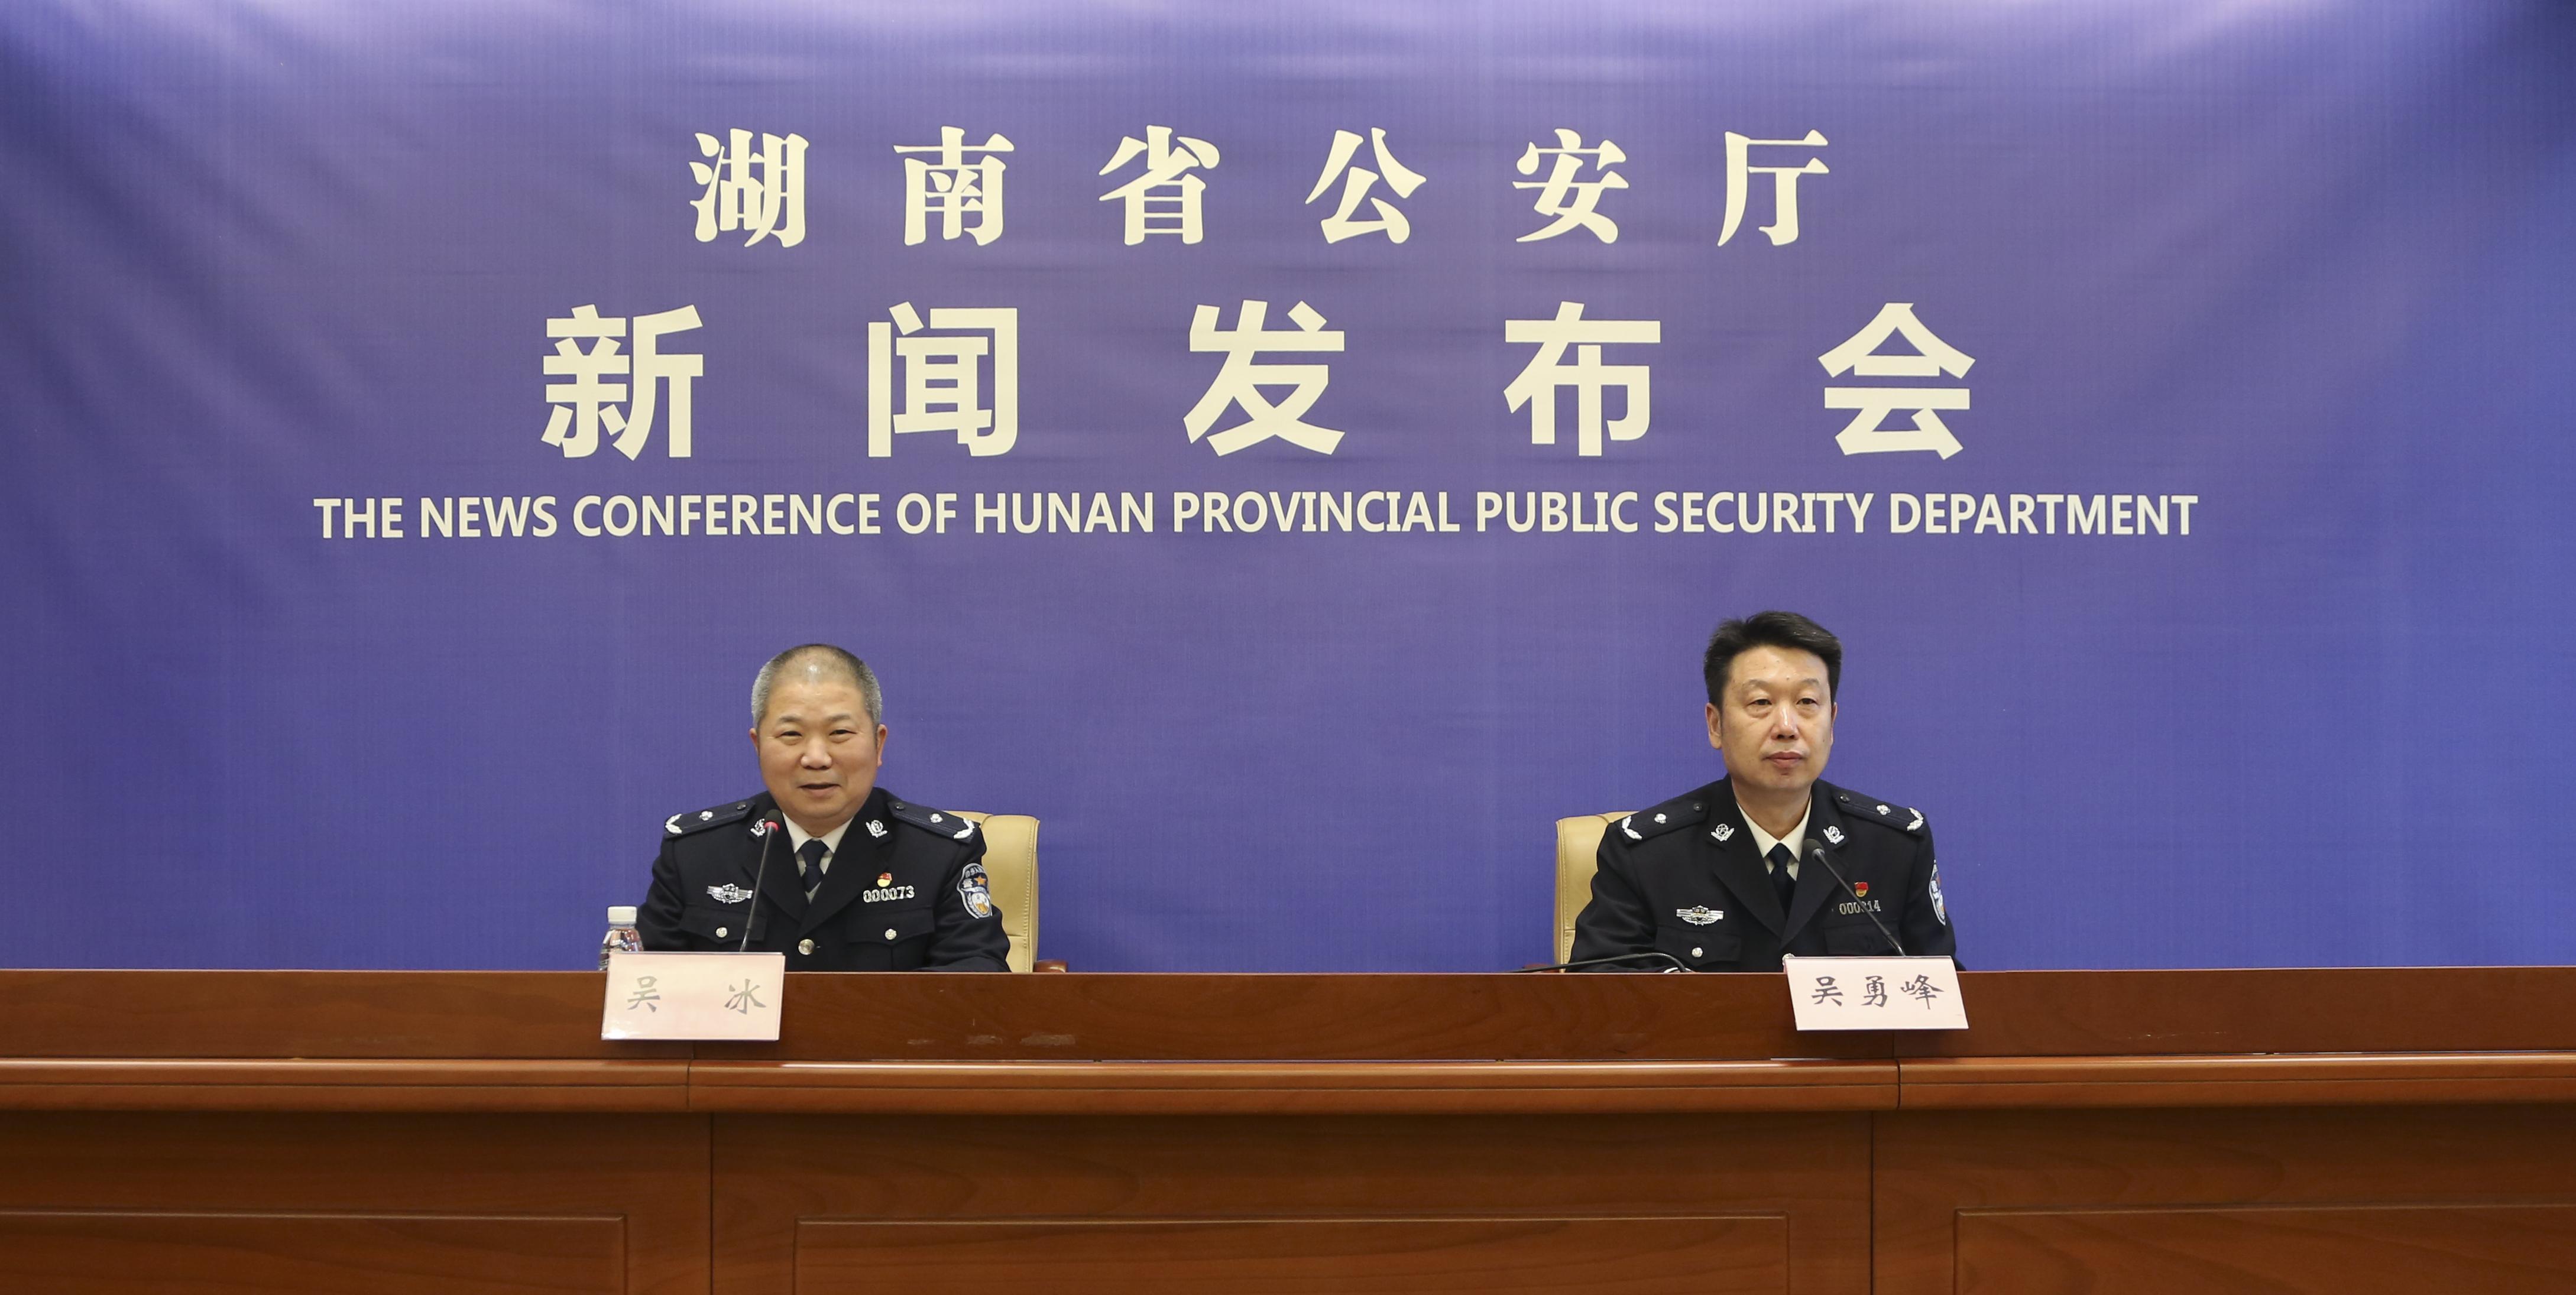 湖南省公安厅新闻发布会 刘晨洋 图